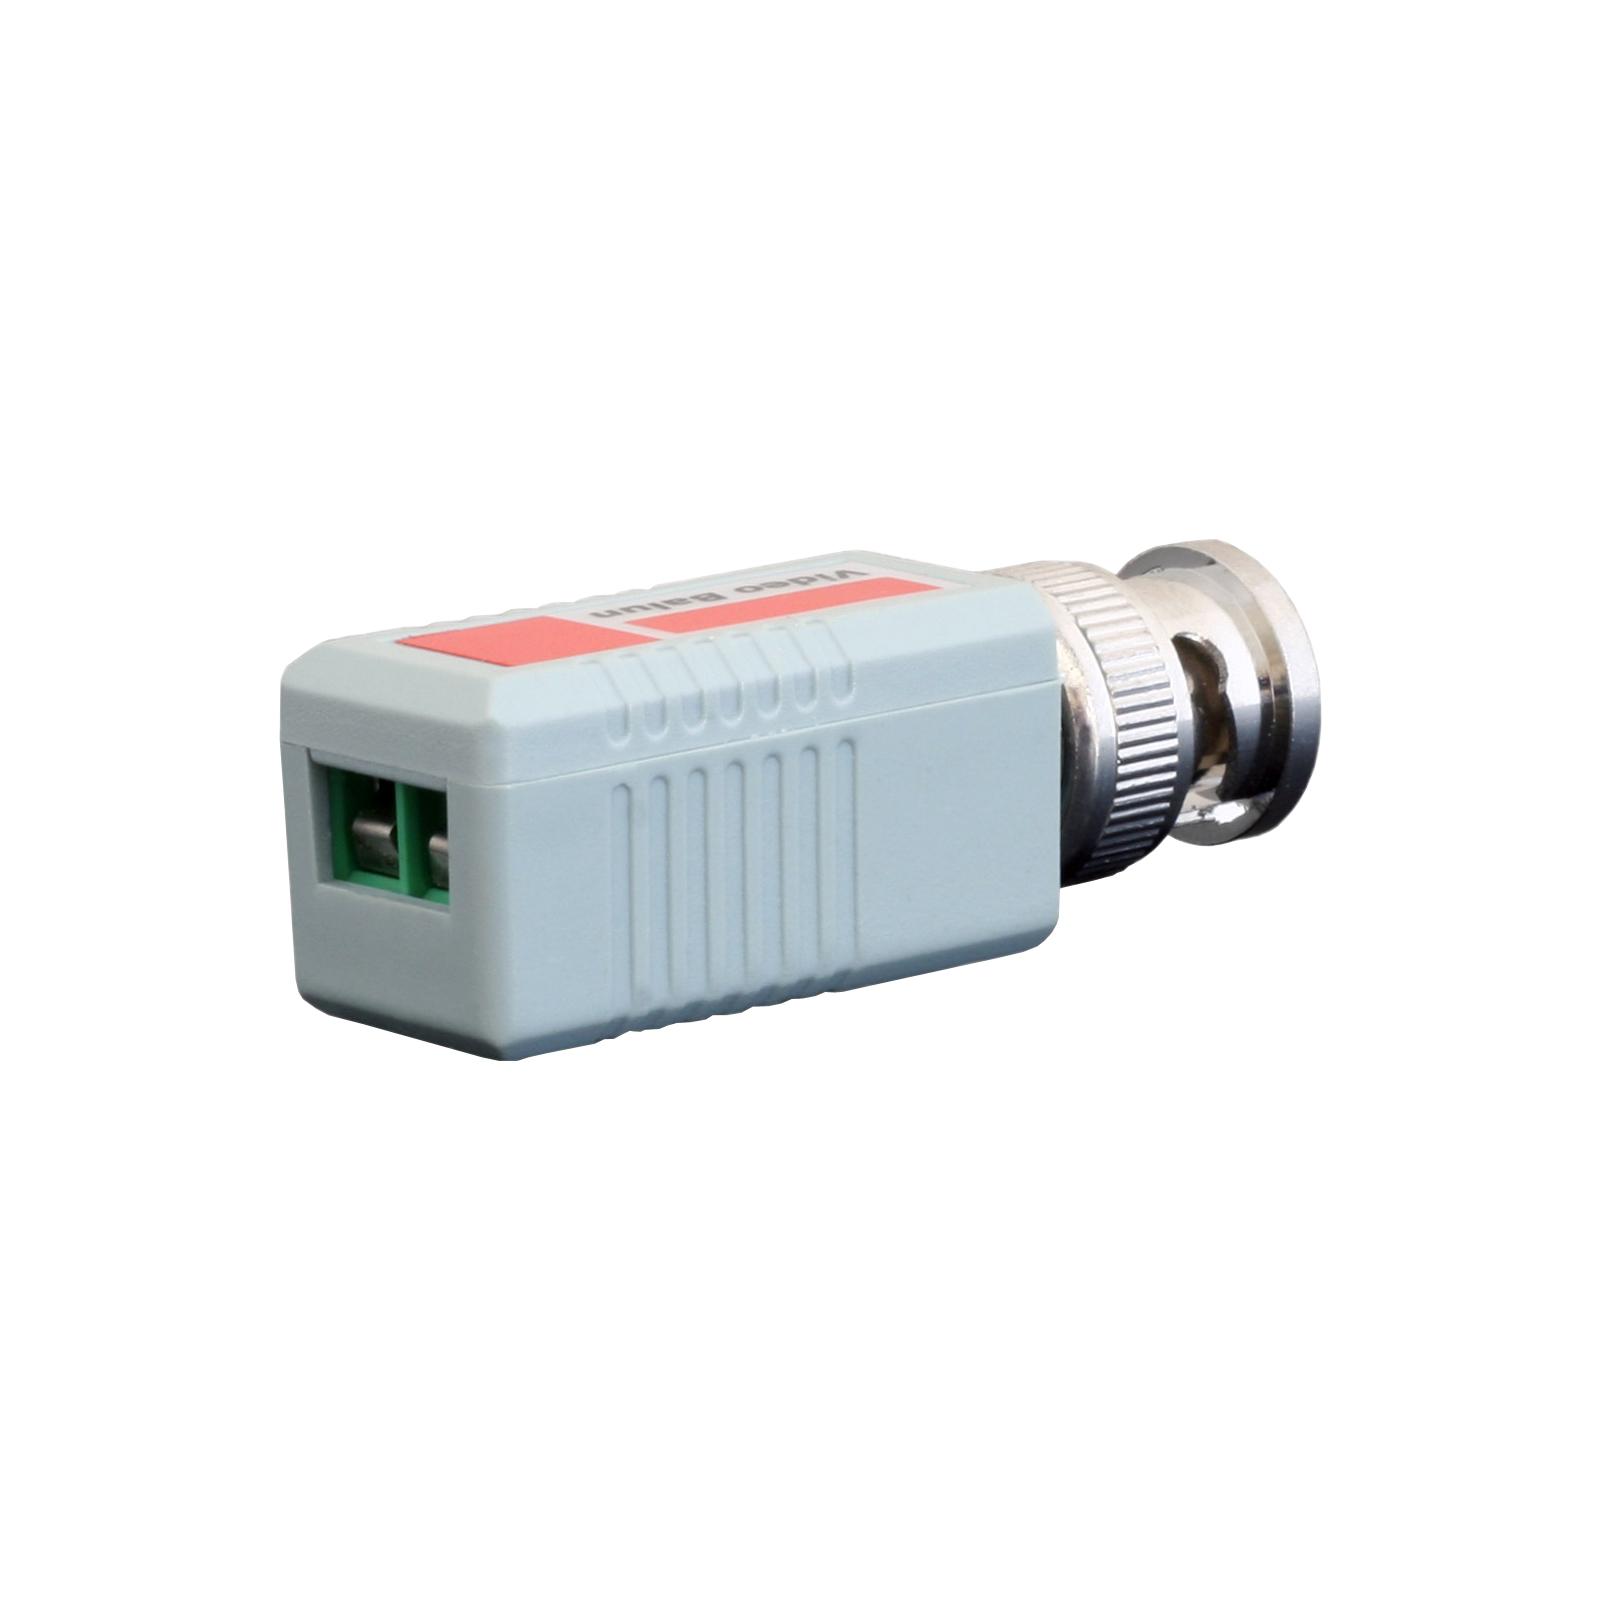 Приемо-передатчик GreenVision GV-01P-02 (3575) изображение 3